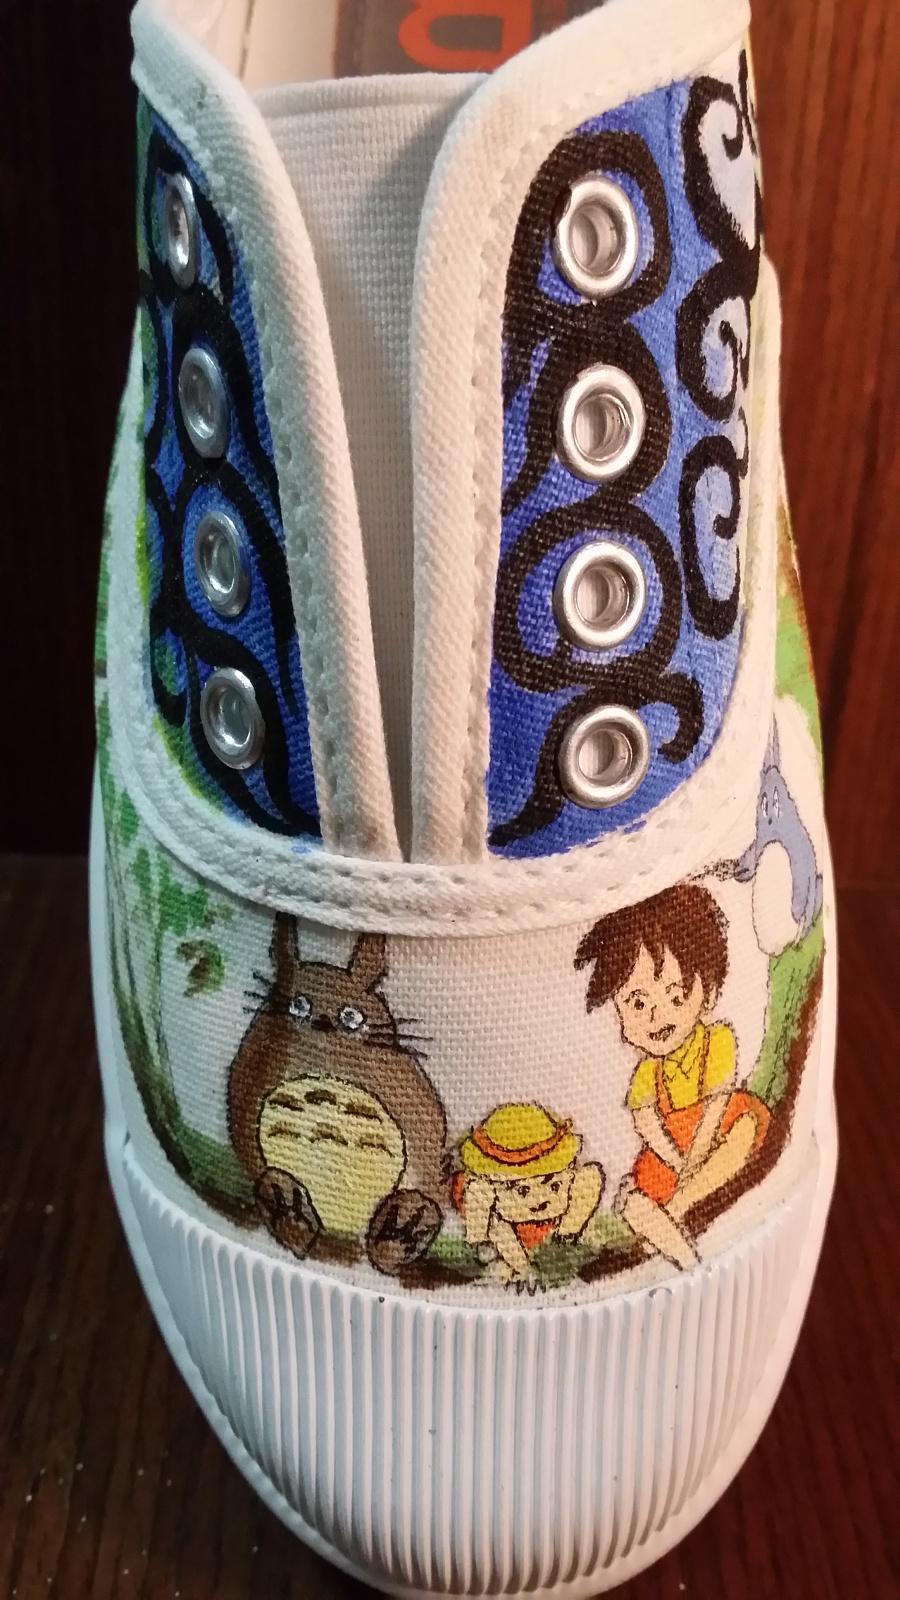 手绘鞋子|鞋类|服装|箐蛙 - 原创设计作品 - 站酷